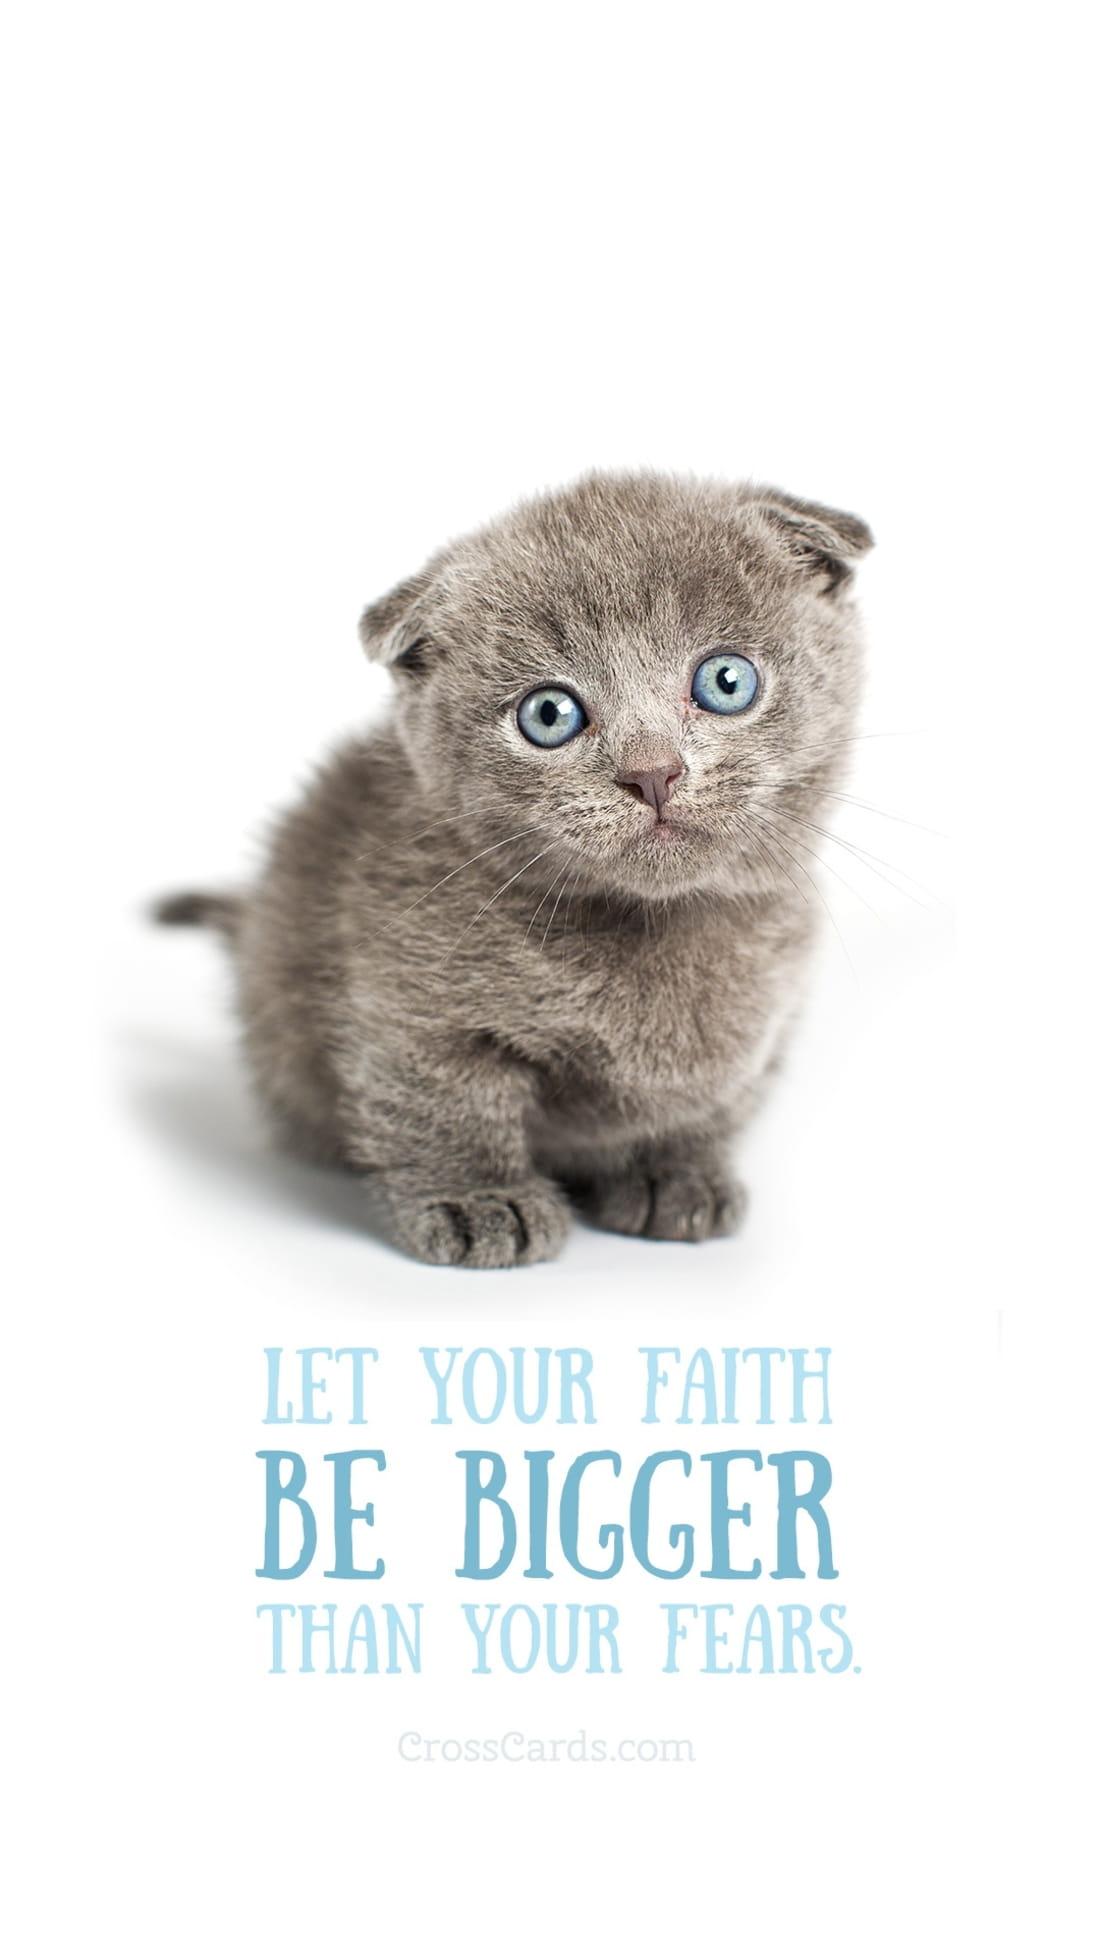 Faith Bigger Than Fear mobile phone wallpaper